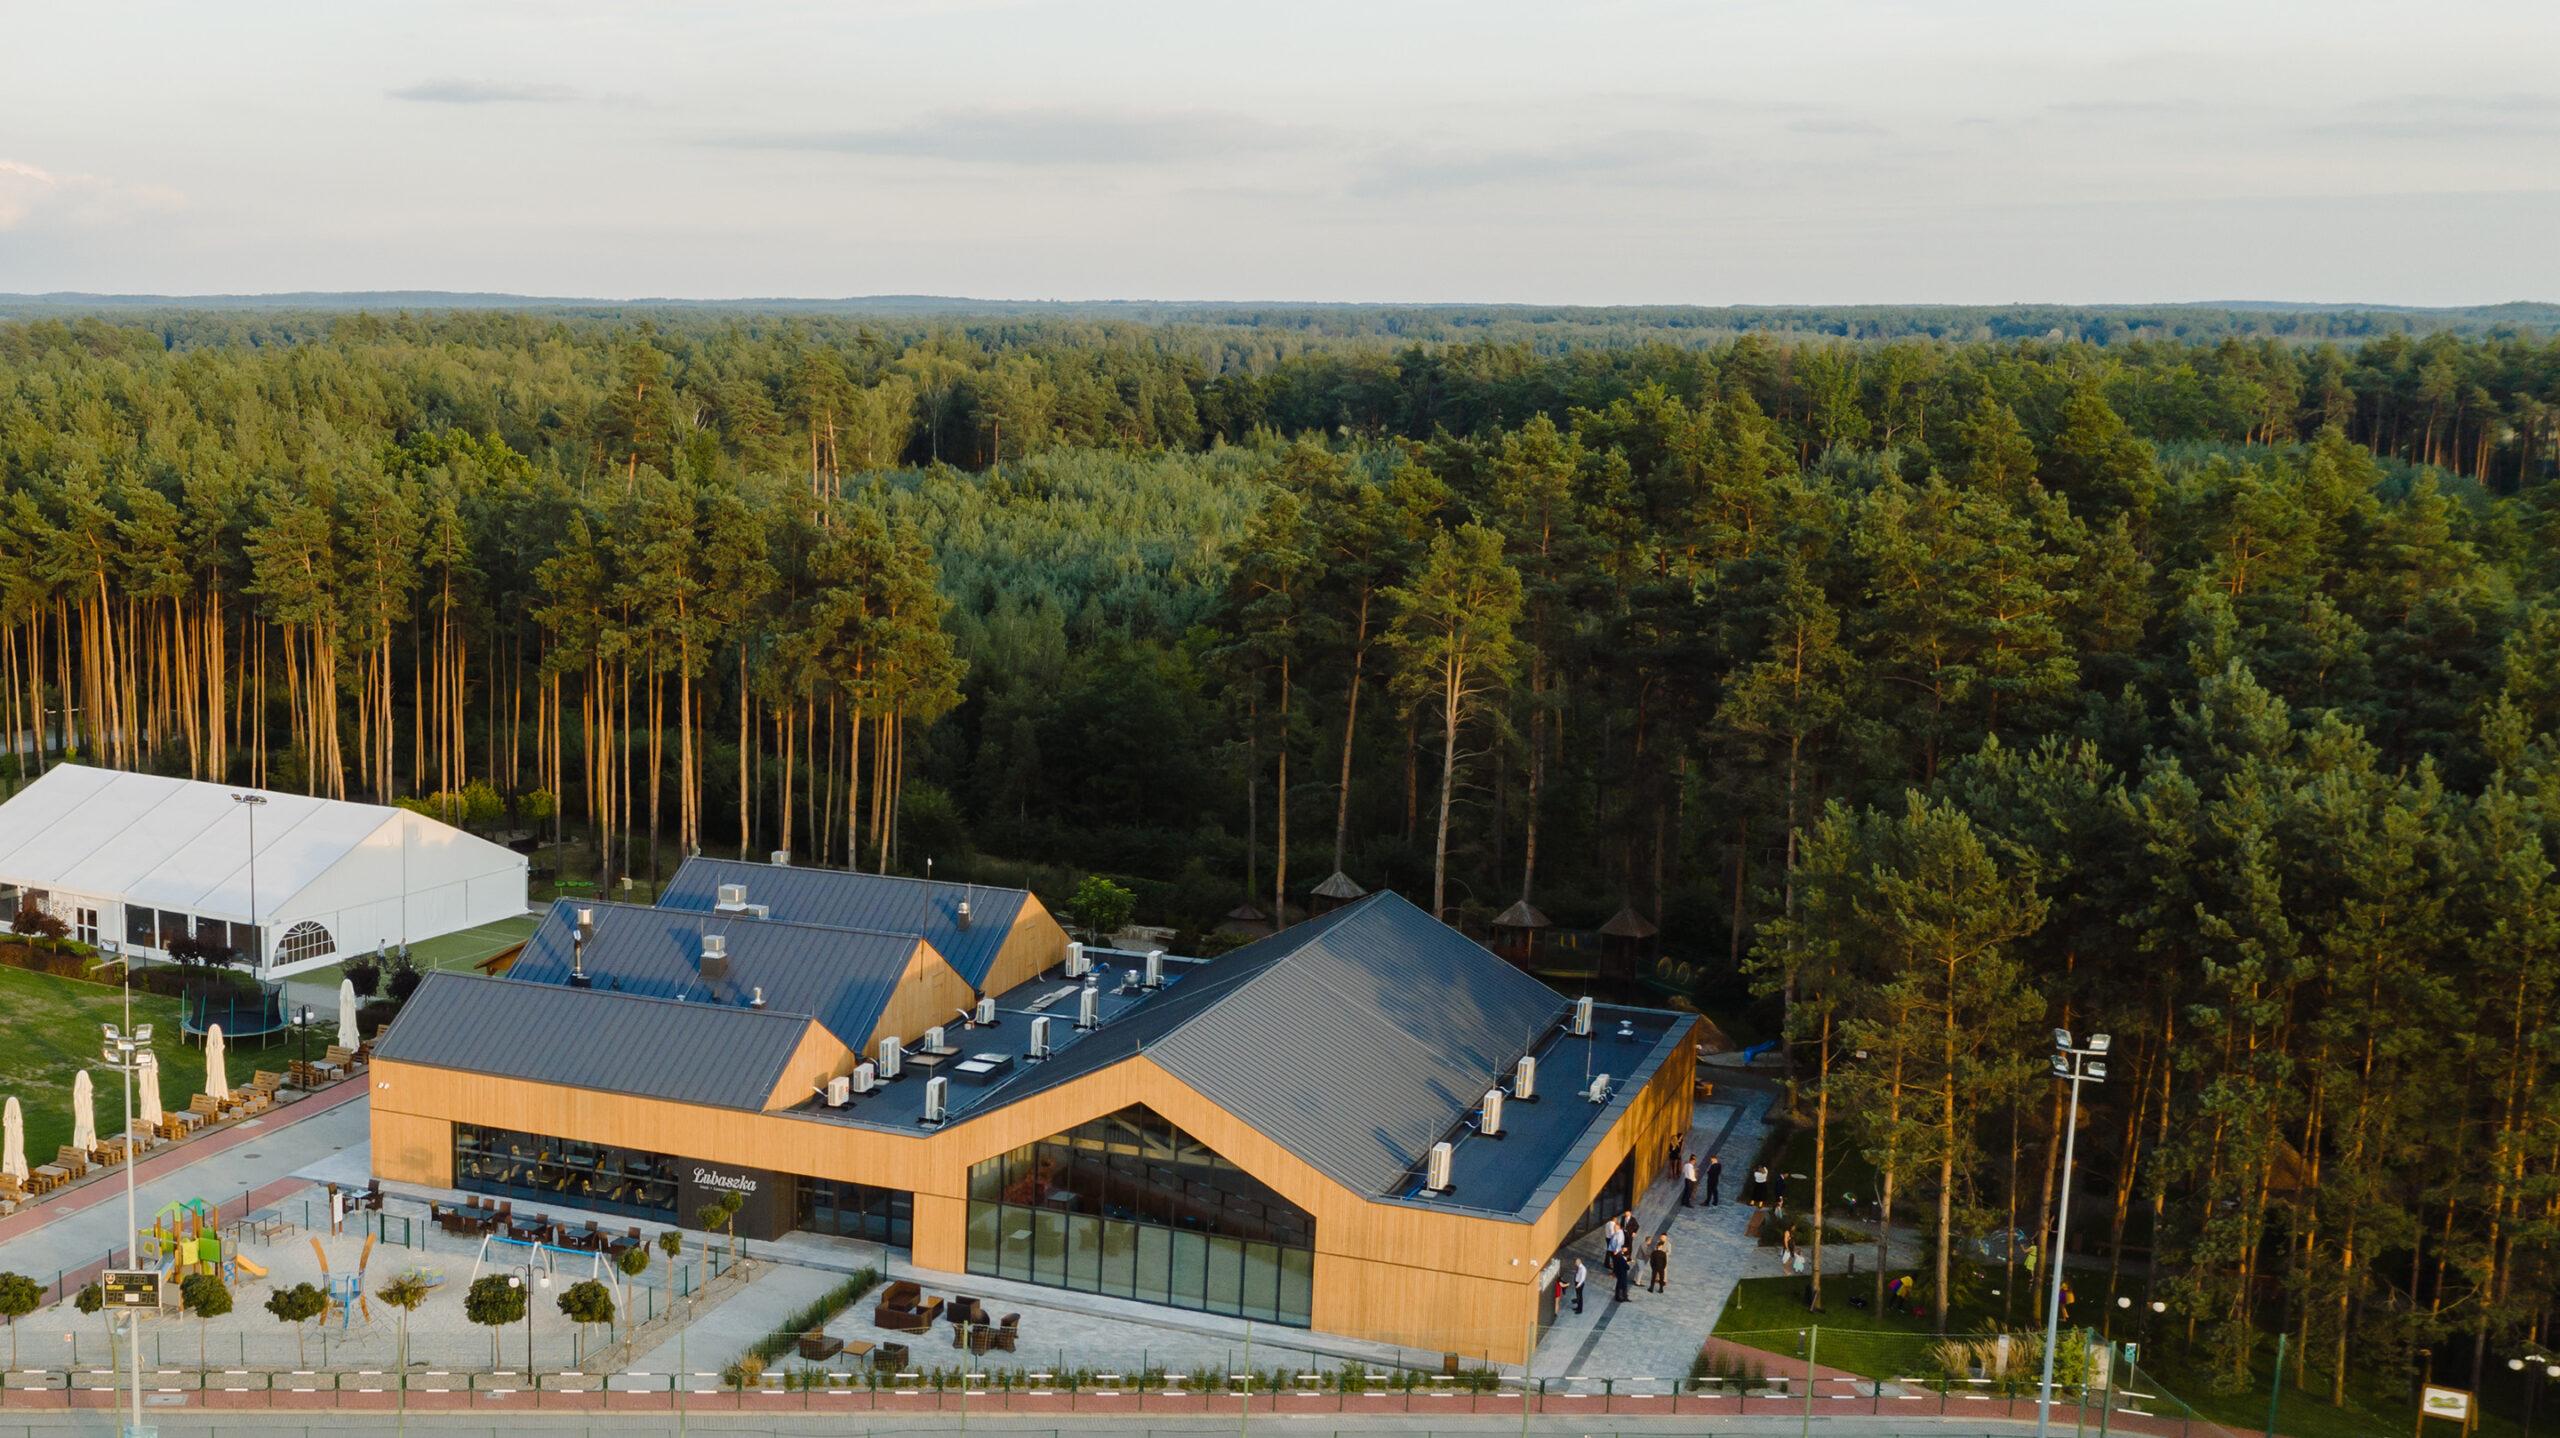 Dom-Weselny-Lubaszka-dron-foto-01-MEEKO